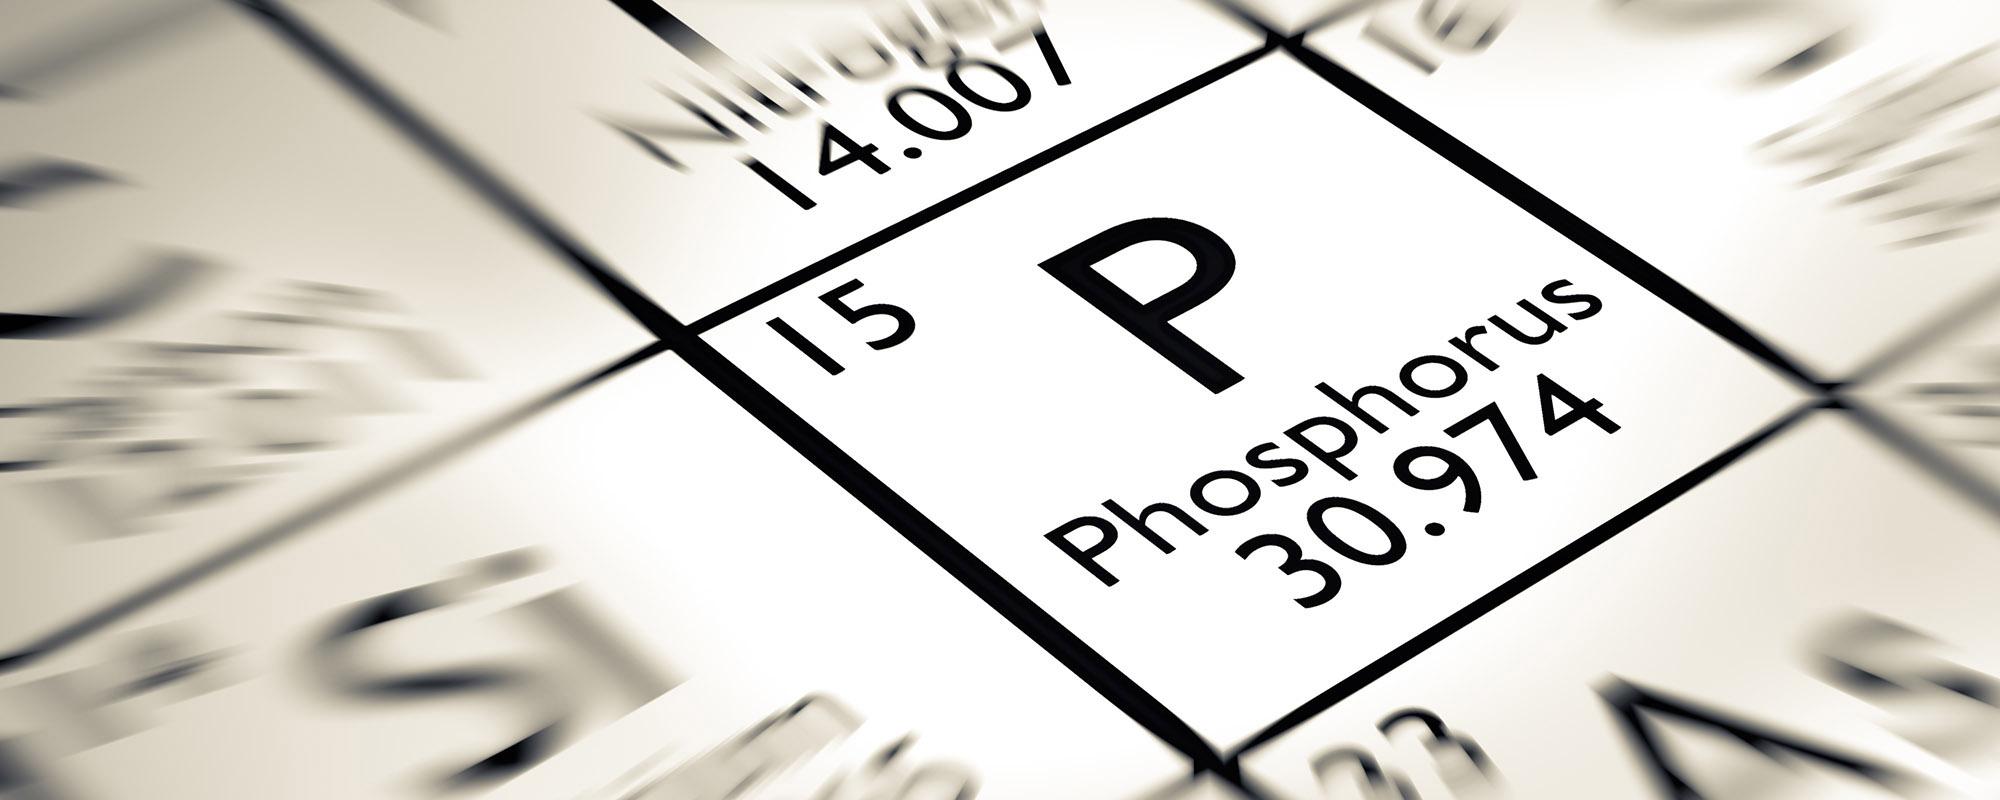 ผลการค้นหารูปภาพสำหรับ Phosphorus